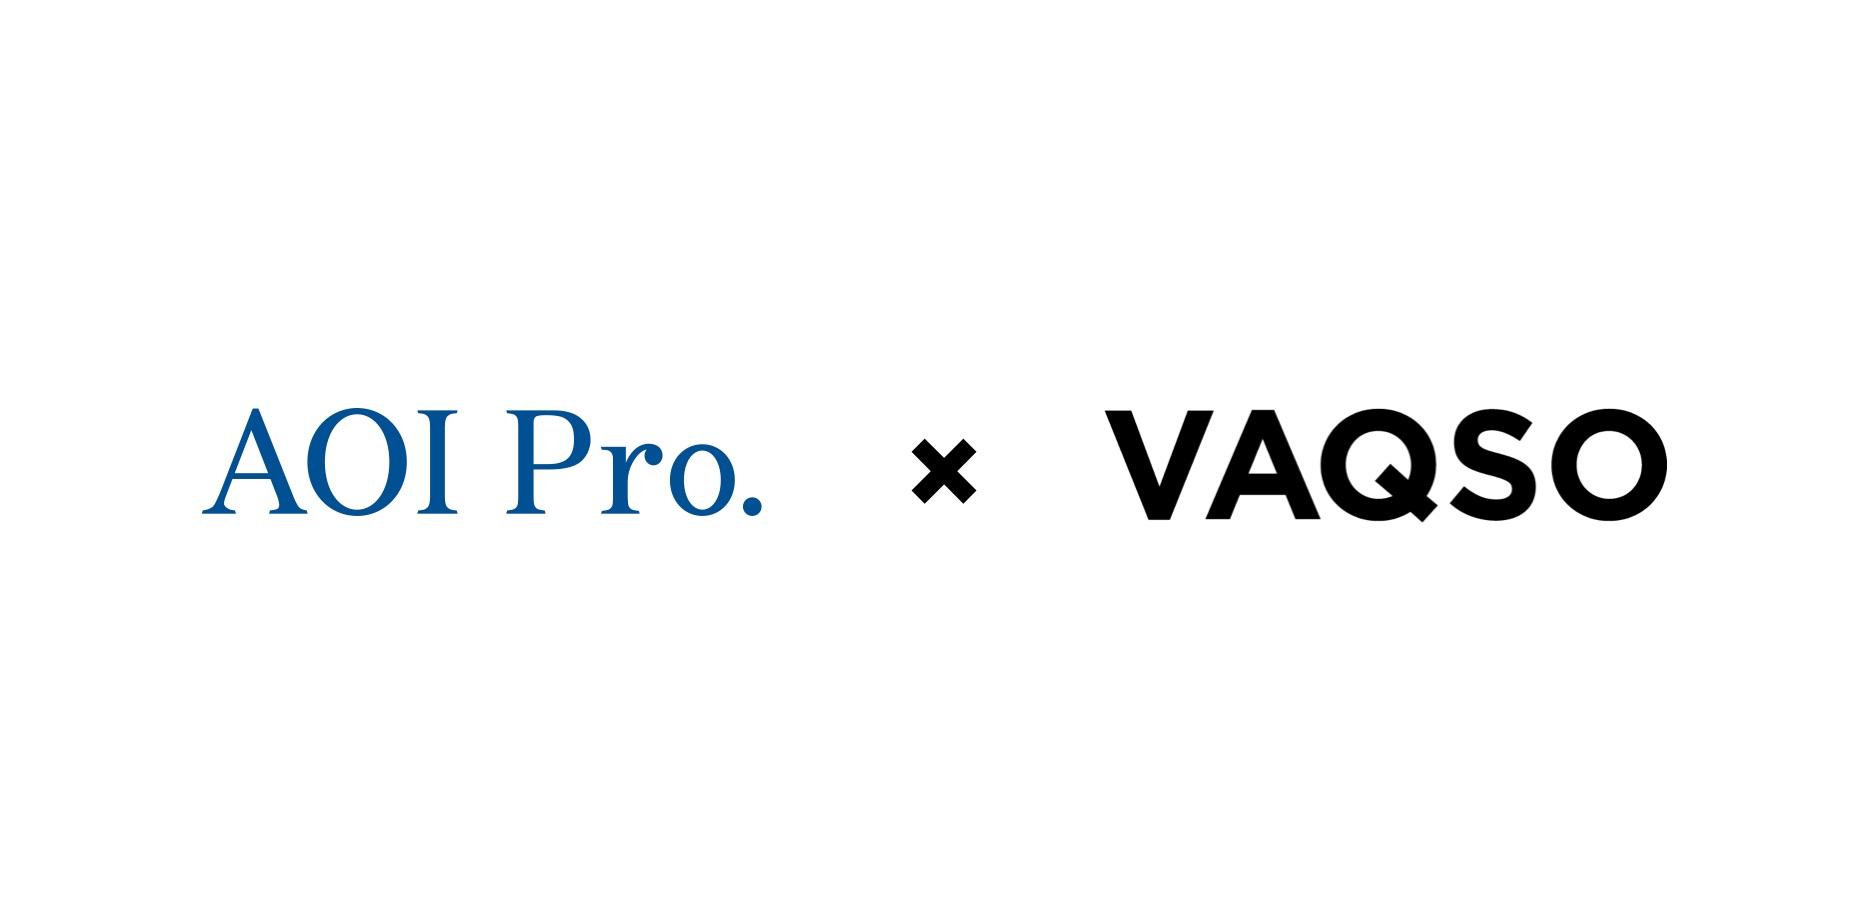 匂いの出るVRデバイス量産に向けてVAQSOが60万ドルの資金を調達! 新サービスや体験会も